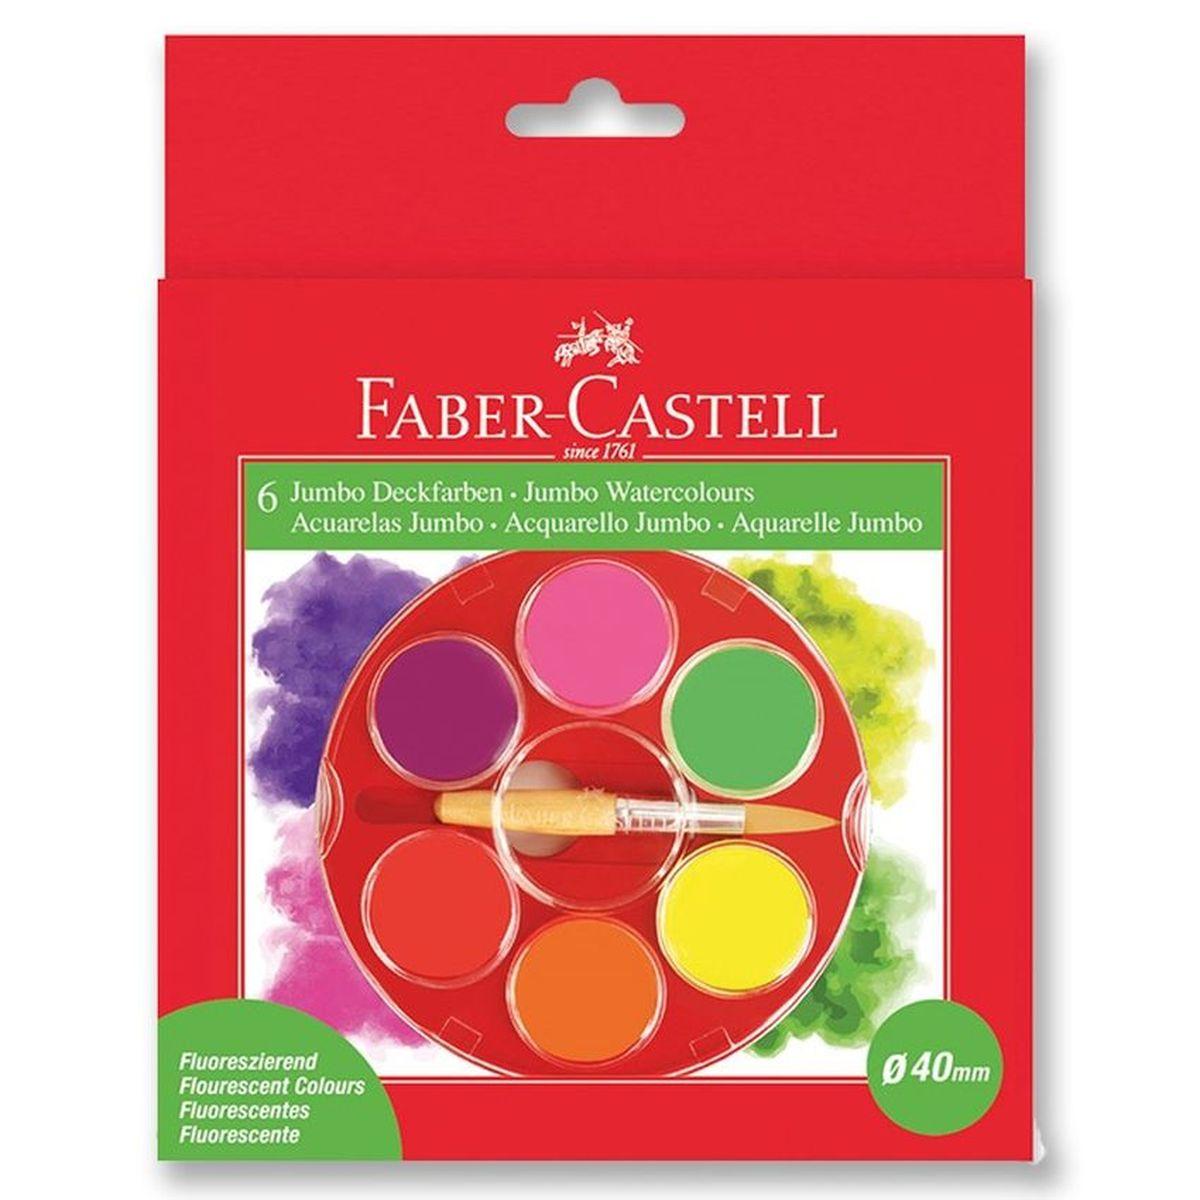 Faber-Castell Акварельные краски Jumbo неоновые 6 шт масла душистый мир масло shineway 250 мл